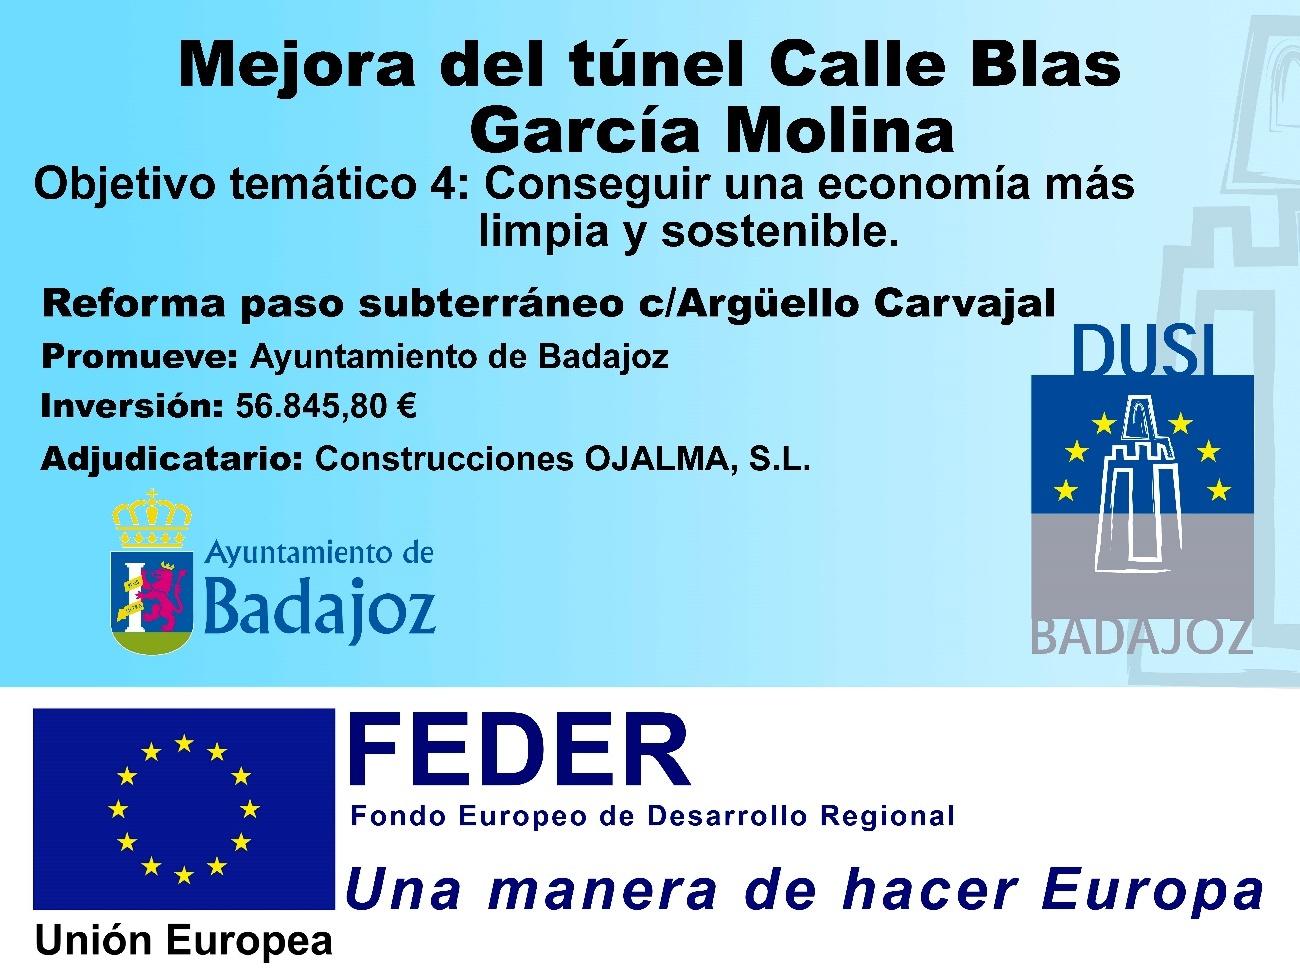 Mejora del túnel Calle Blas García Molina.